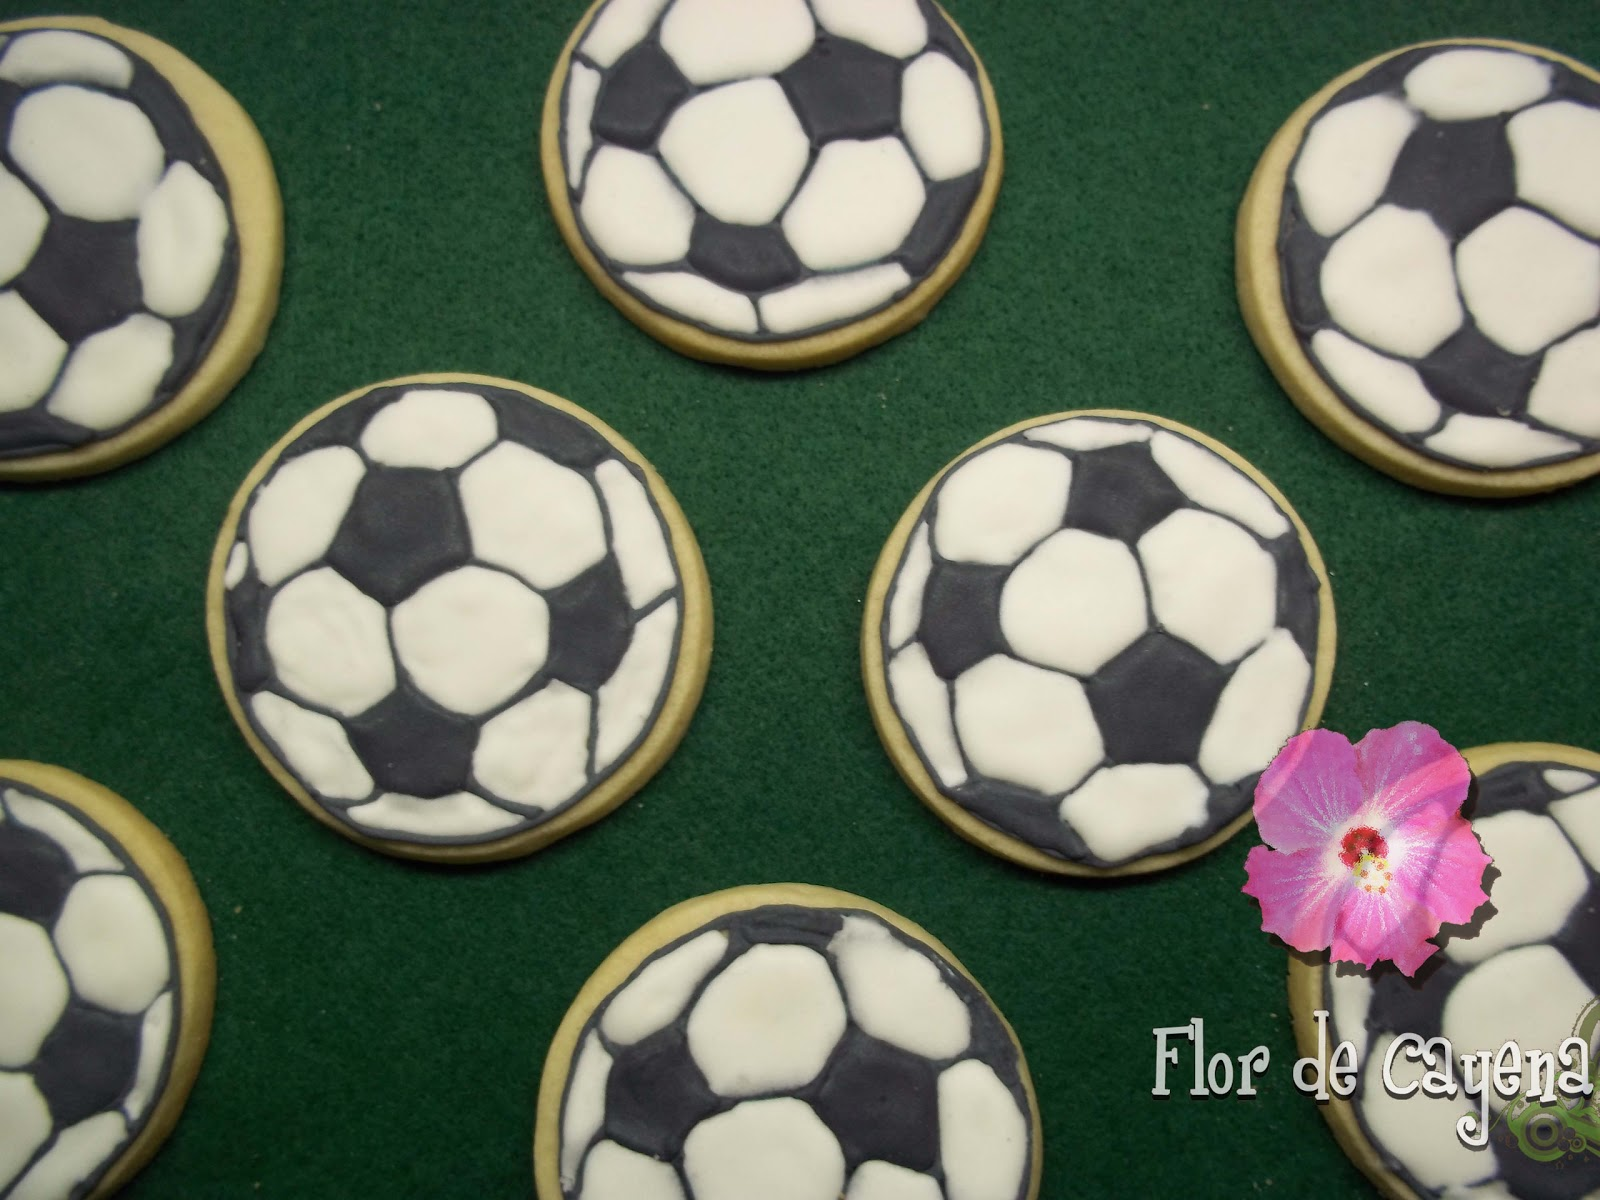 Flor De Cayena Galletas Balon De Futbol